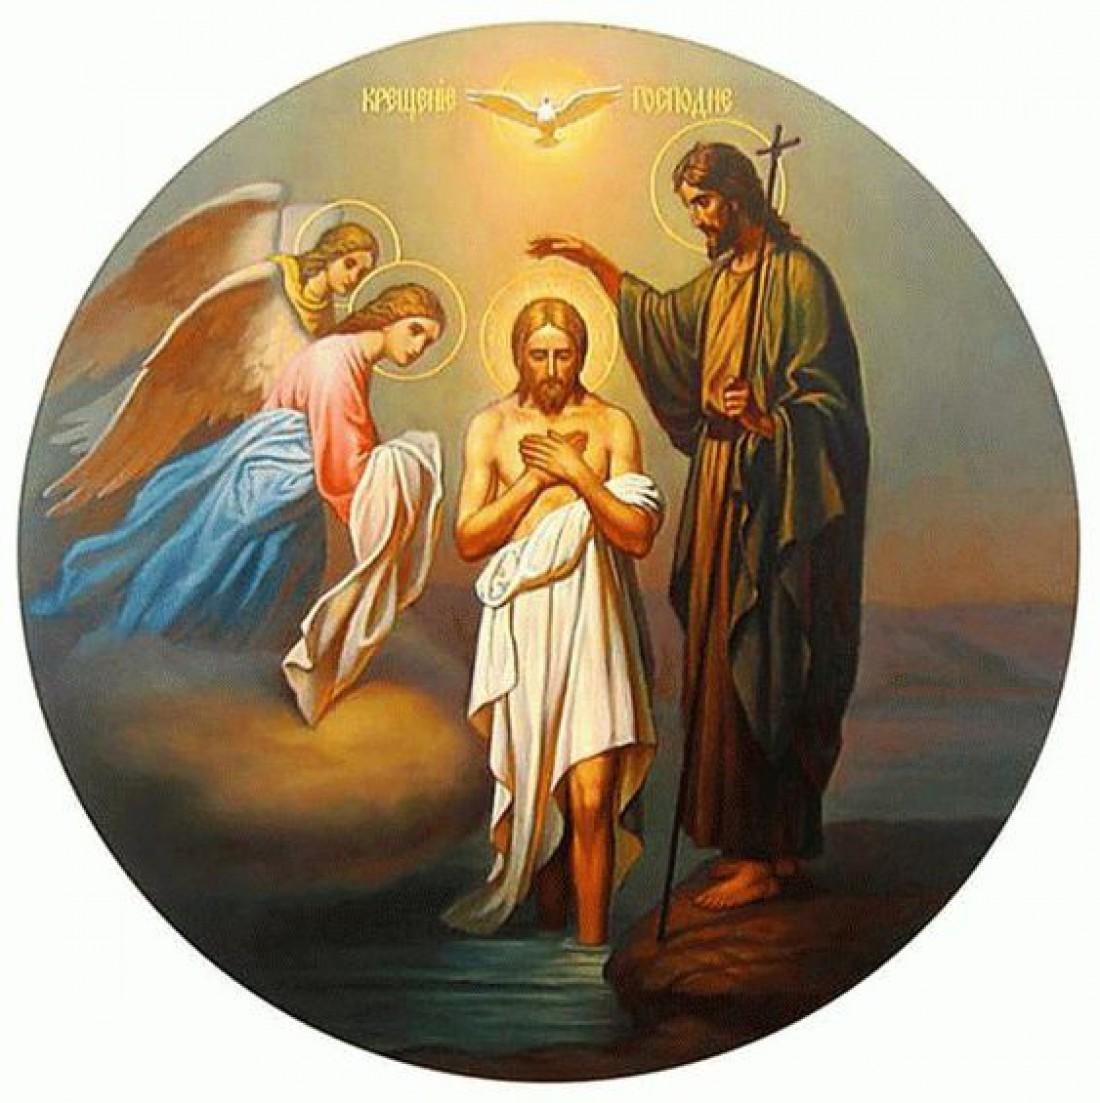 Крещение: что можно и нельзя делать 19 января?